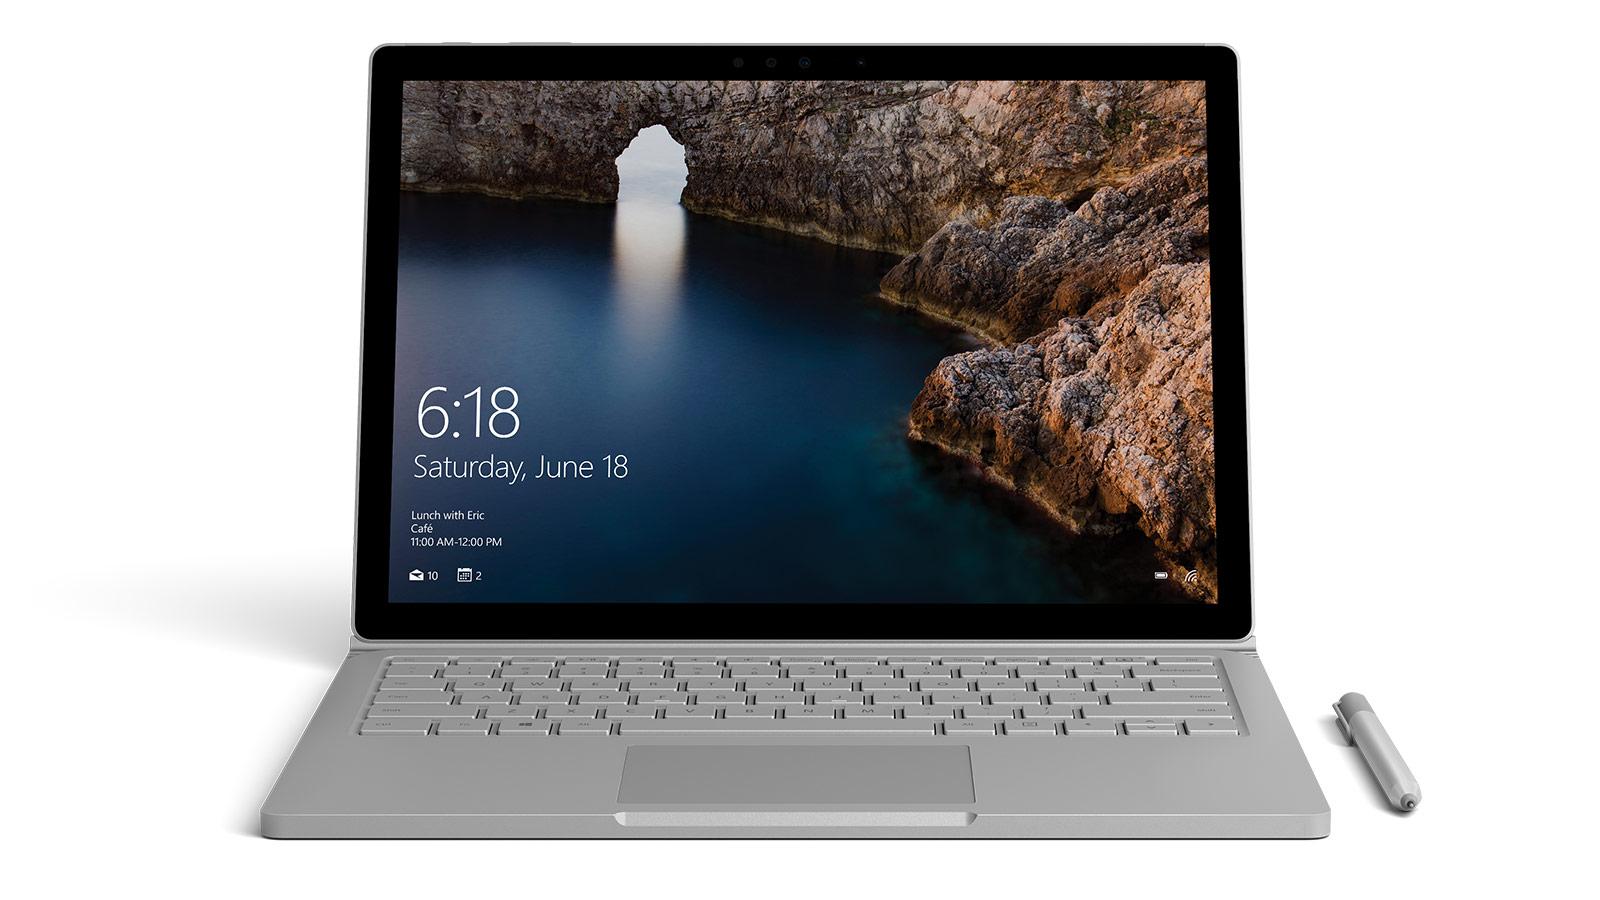 氷山の画像を Photoshop で表示している Surface Book (前向き)